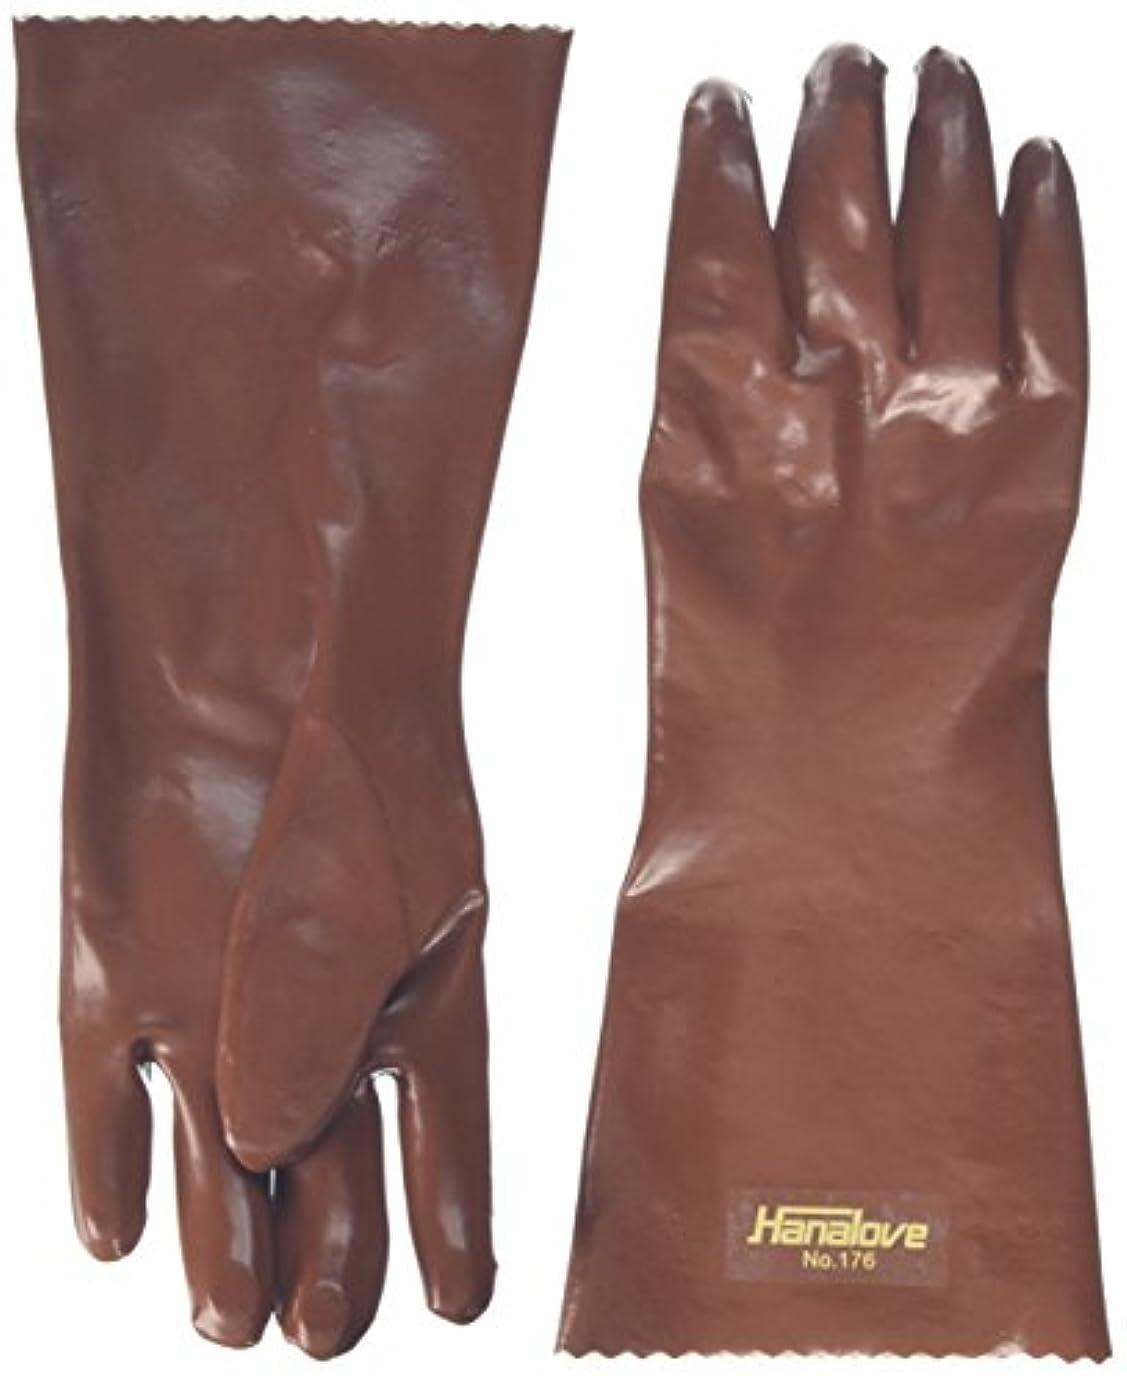 コンプリート見通しに慣れハナキゴム 耐油手袋ハナローブNo.176 1双